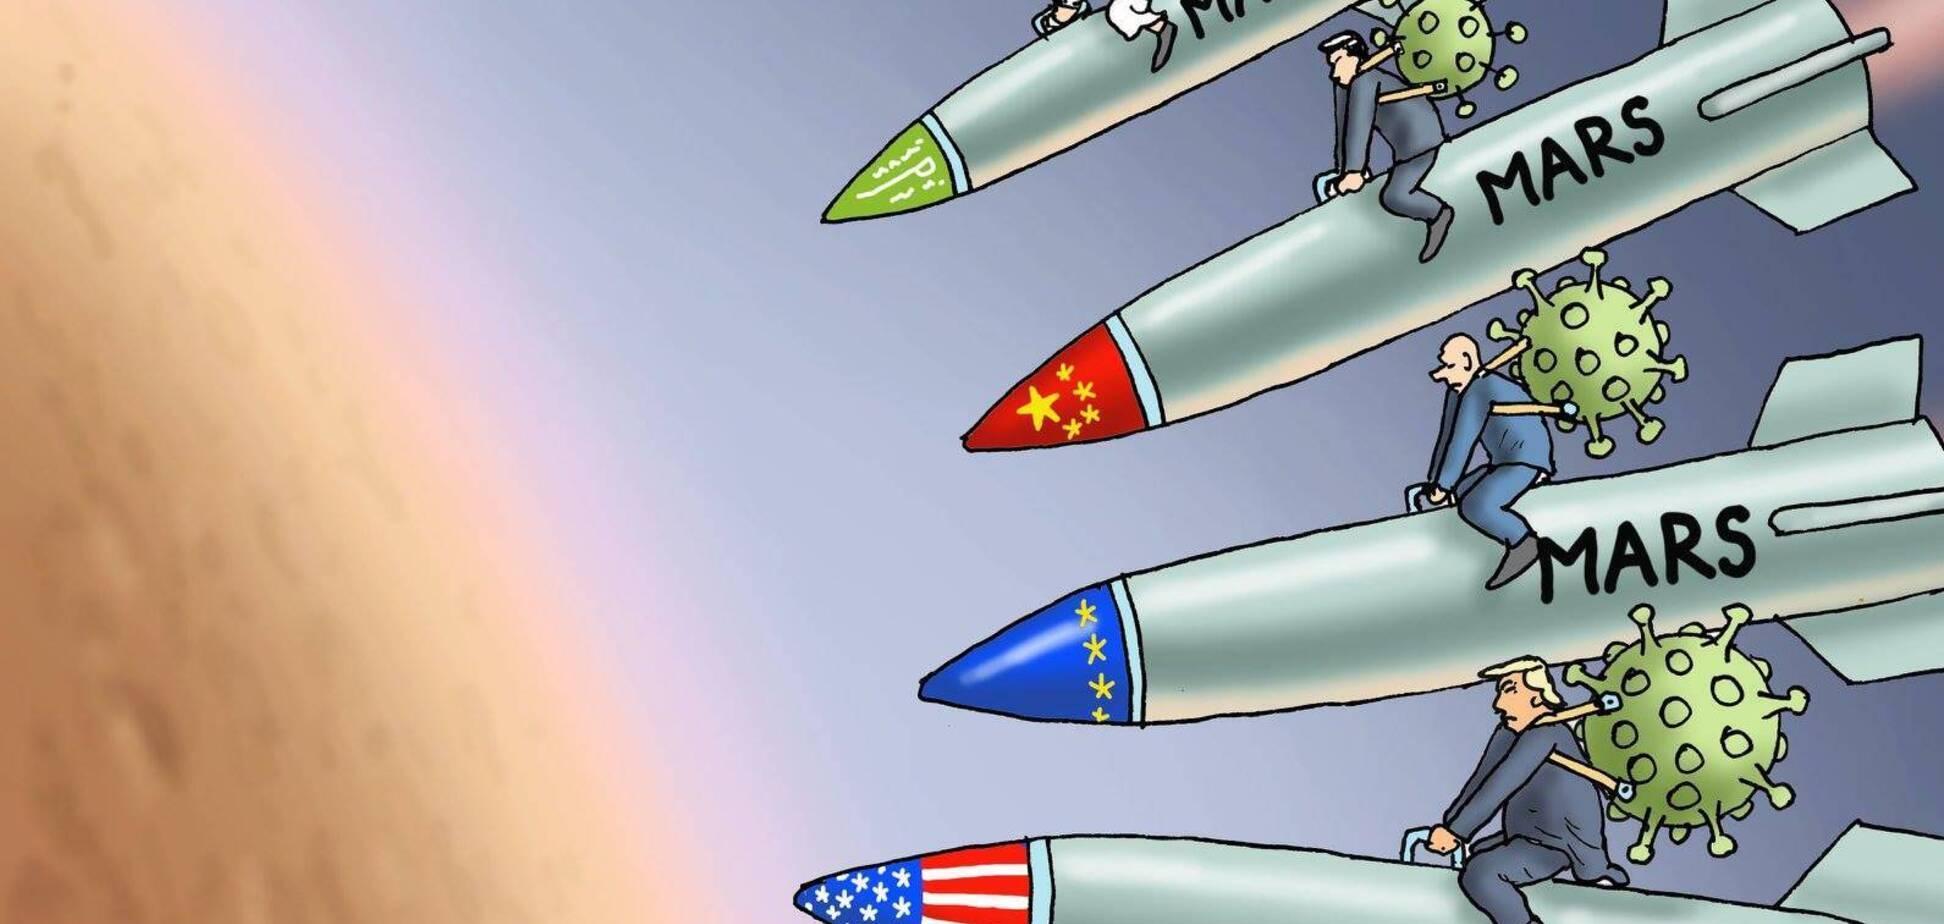 Все на Марс! 'Батут' России в этой гонке не участвует